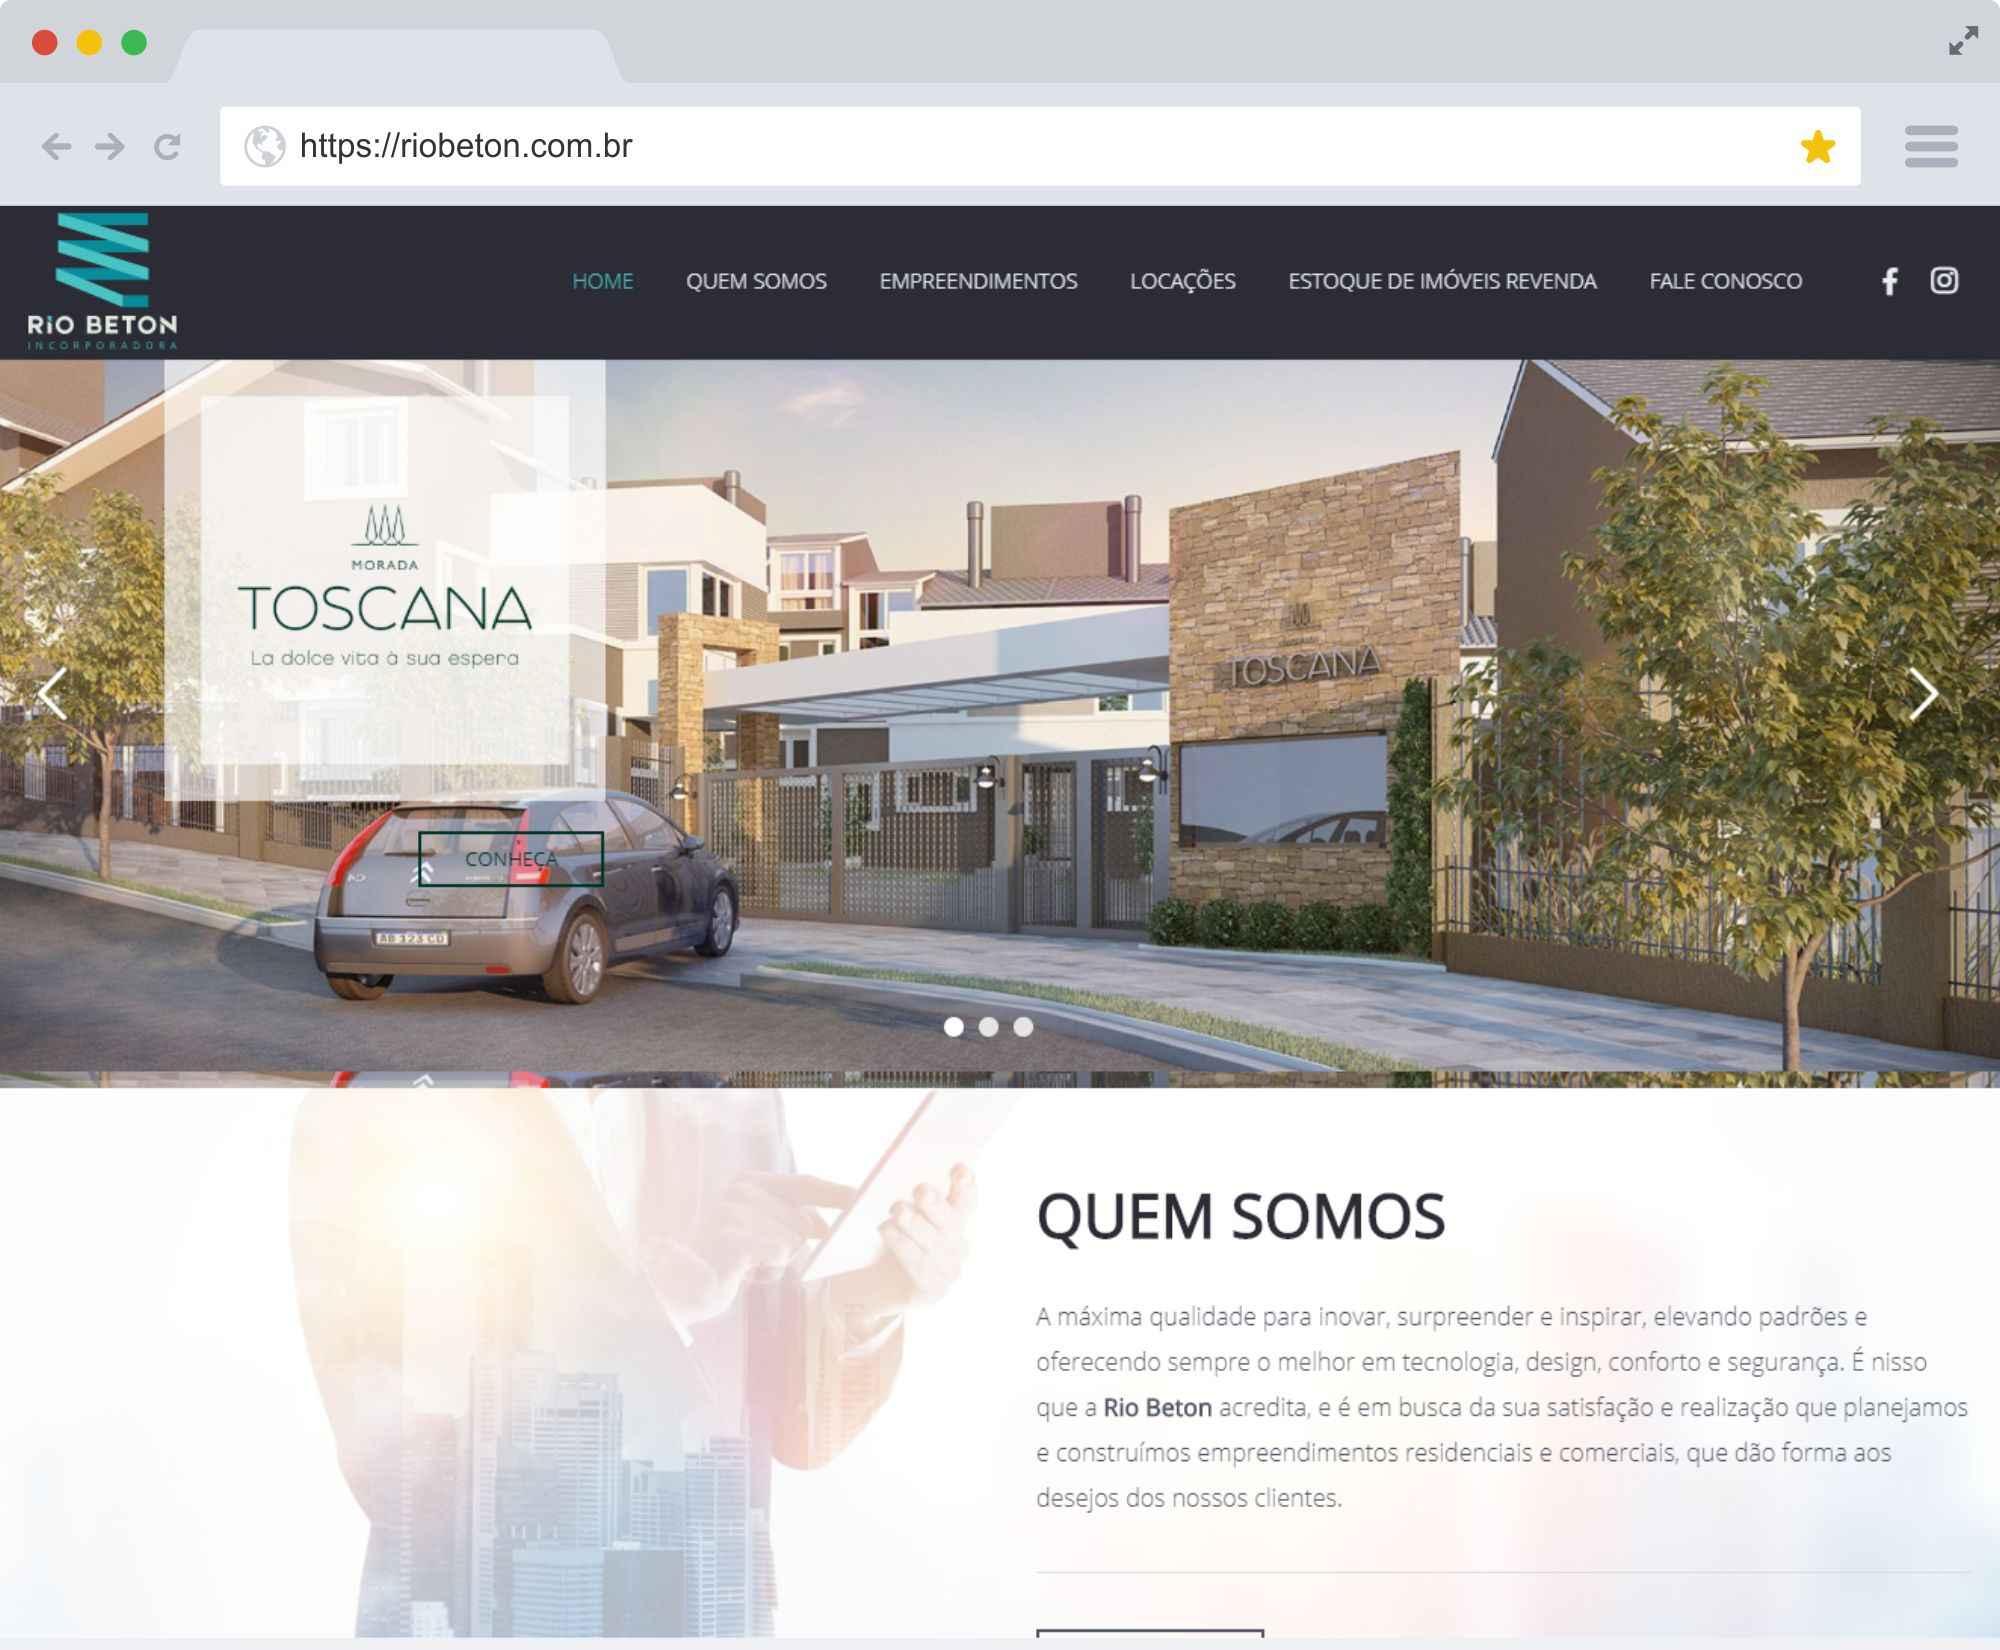 riobeton.com.br